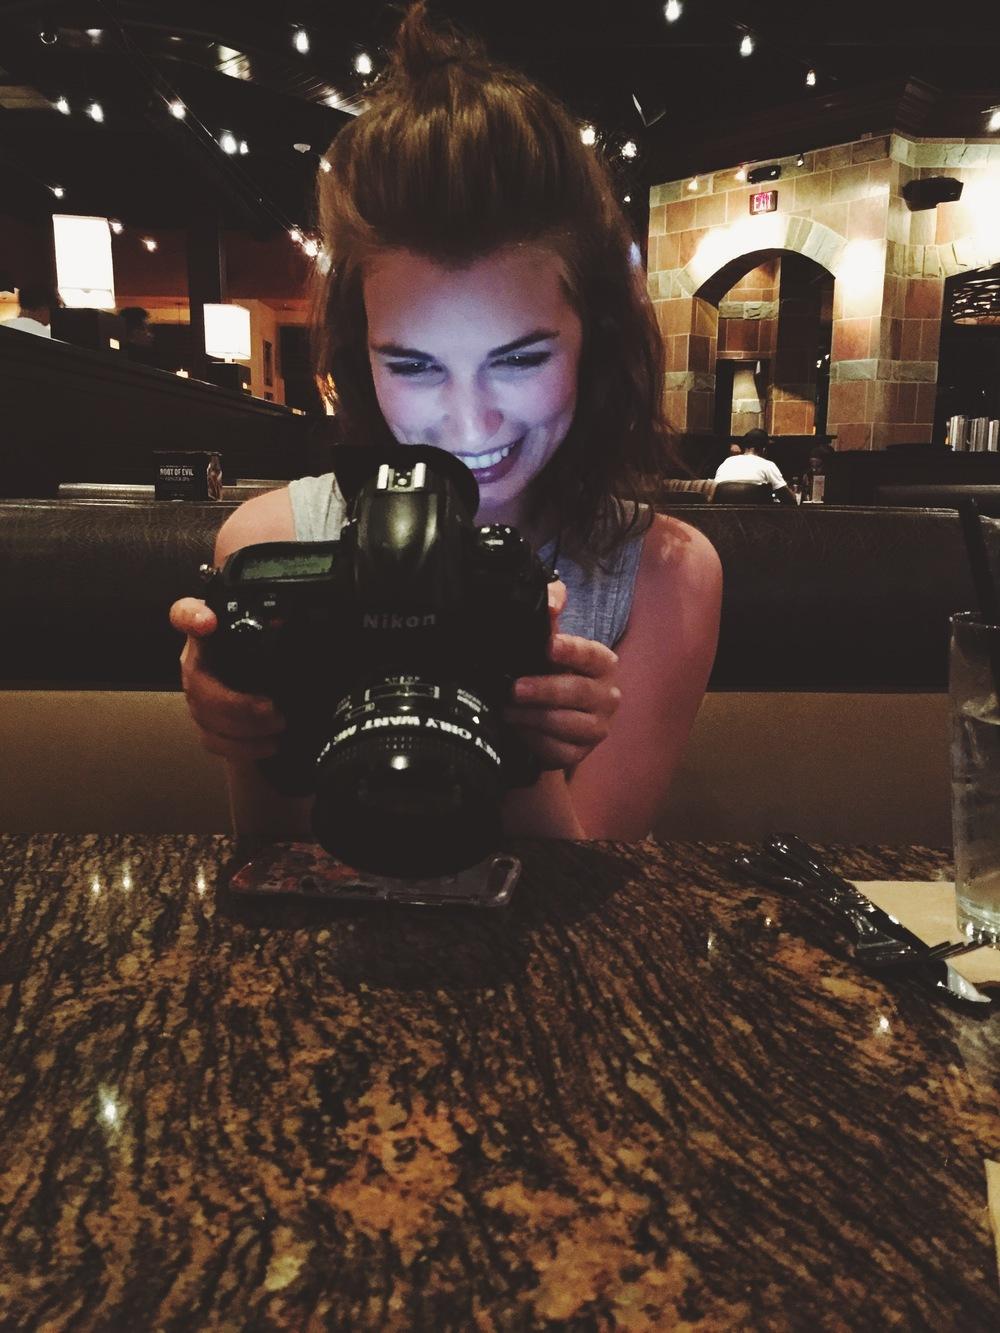 Reviewing Photos